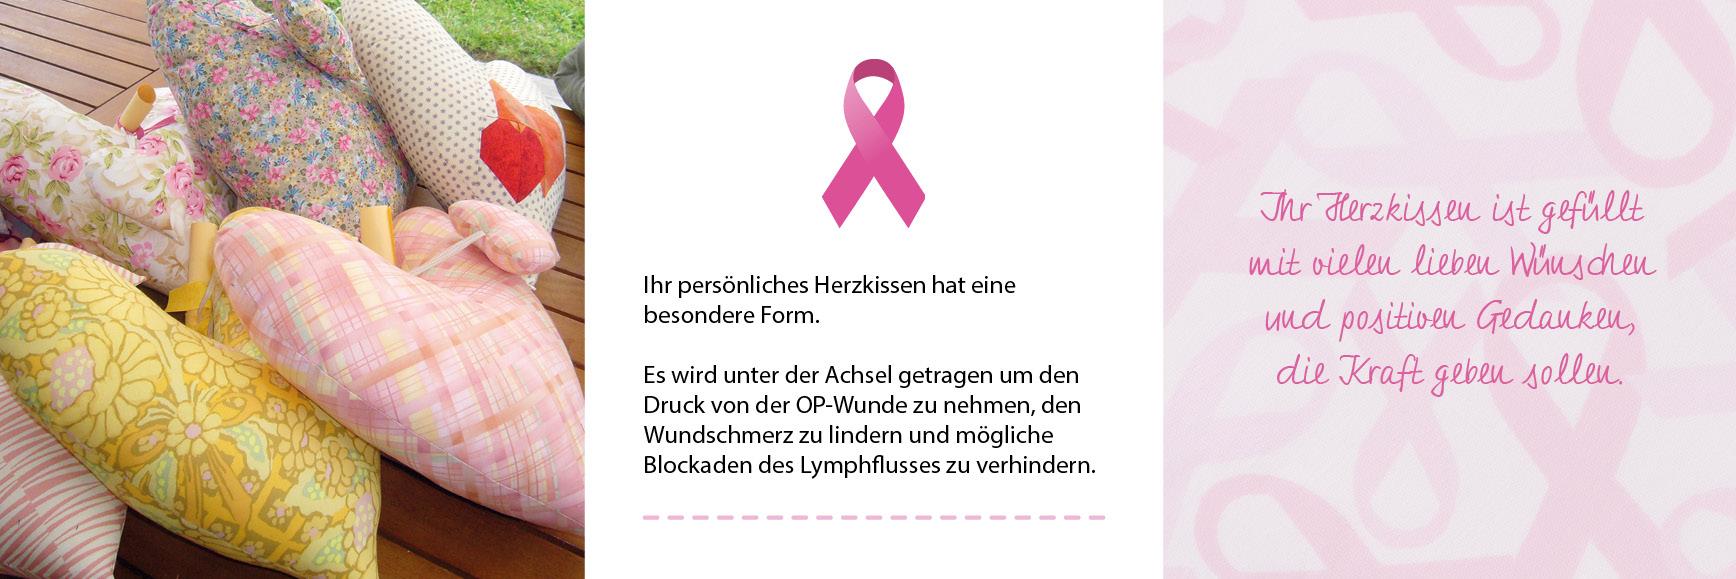 Flyer Herzkissen Limburg Innenseite